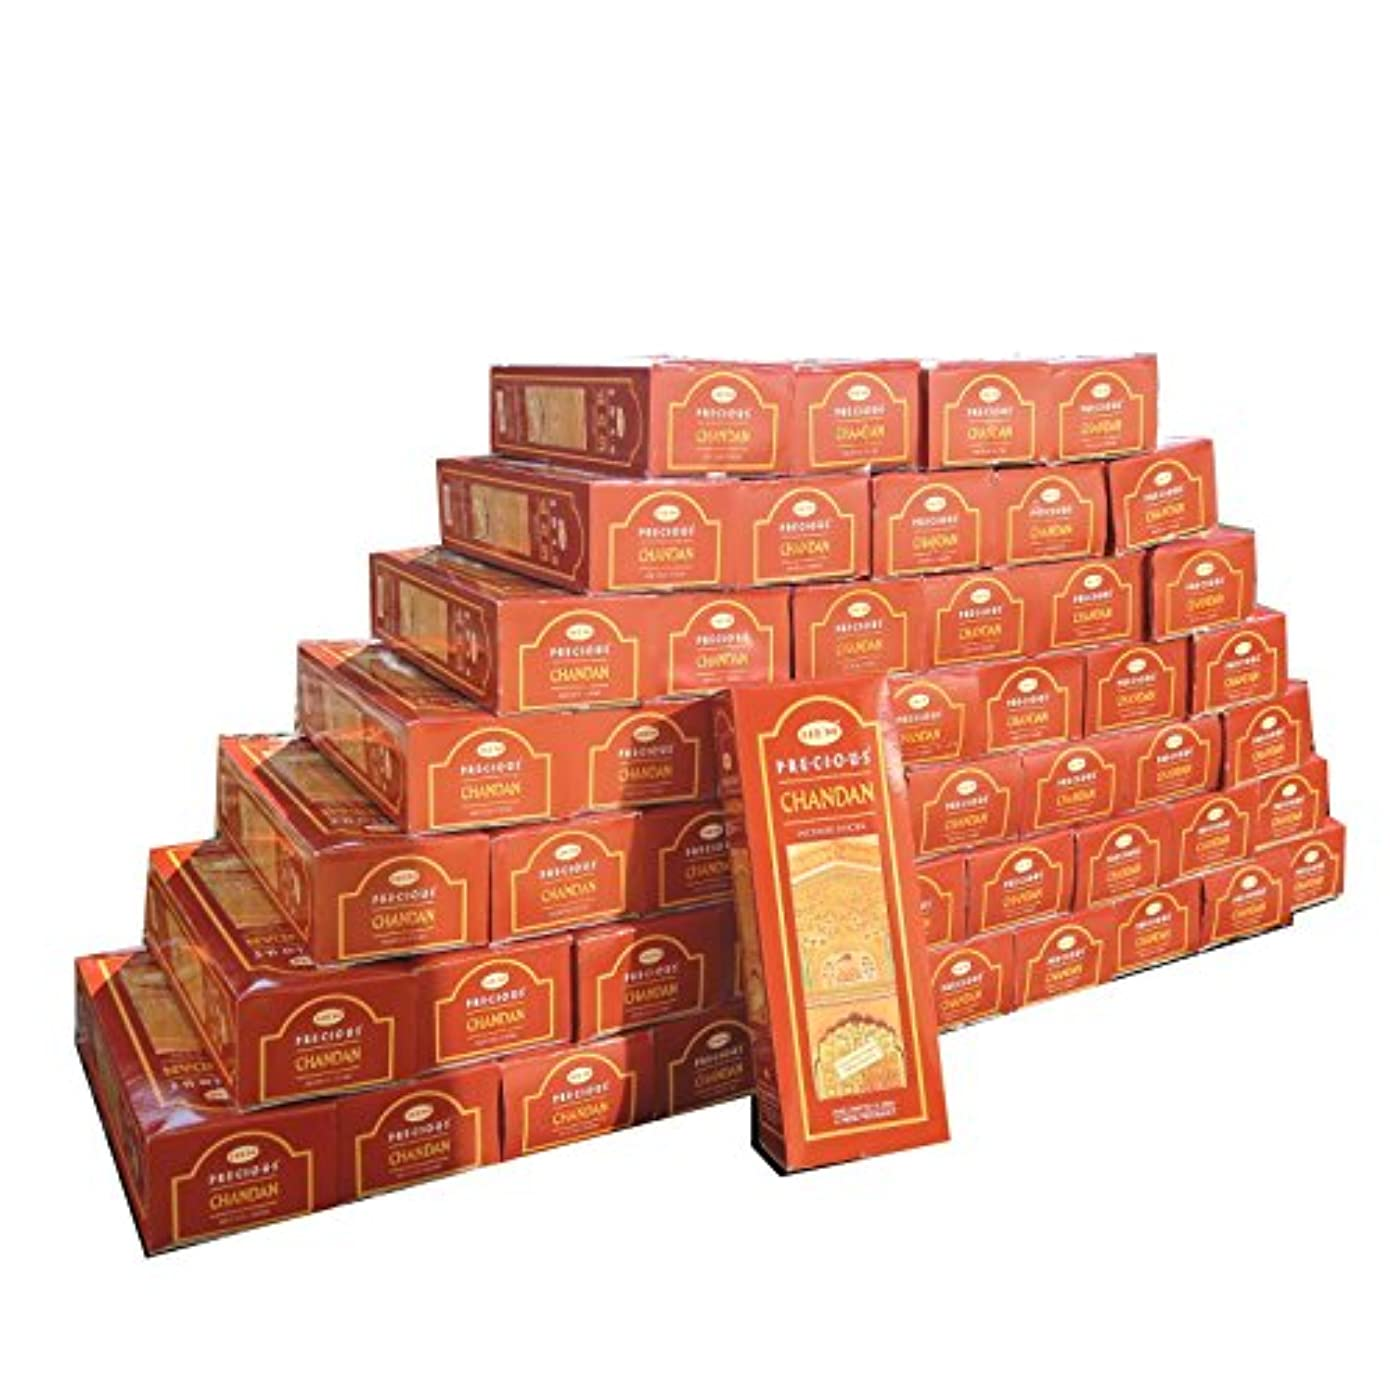 葉巻教育連鎖業務用 インドスティック形お香 プレシャスチャンダン 300箱入り